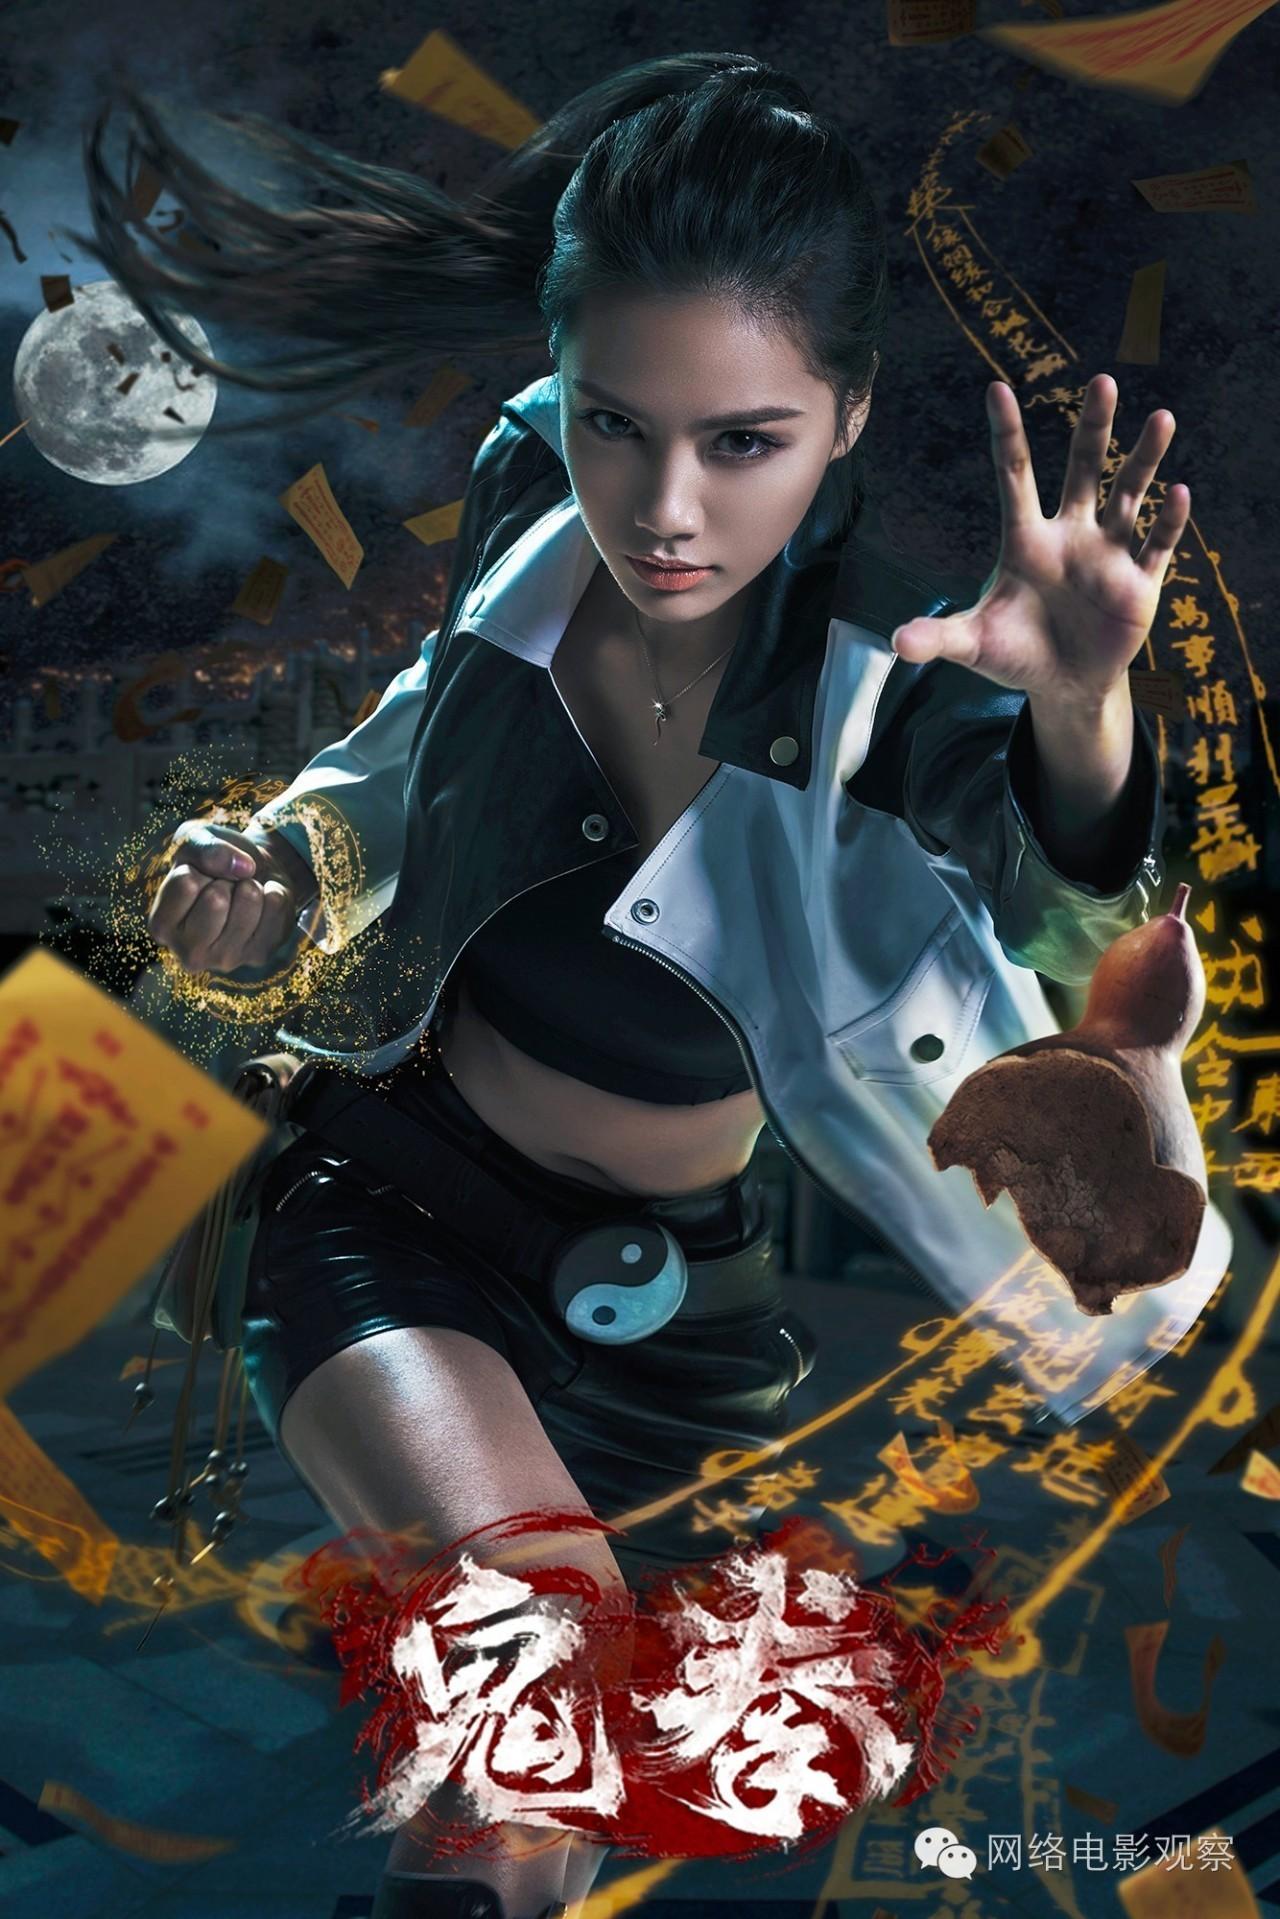 Трейлеры независимых фильмов: Black Scar Blues, Metal City Mayhem и Gui Quan 7